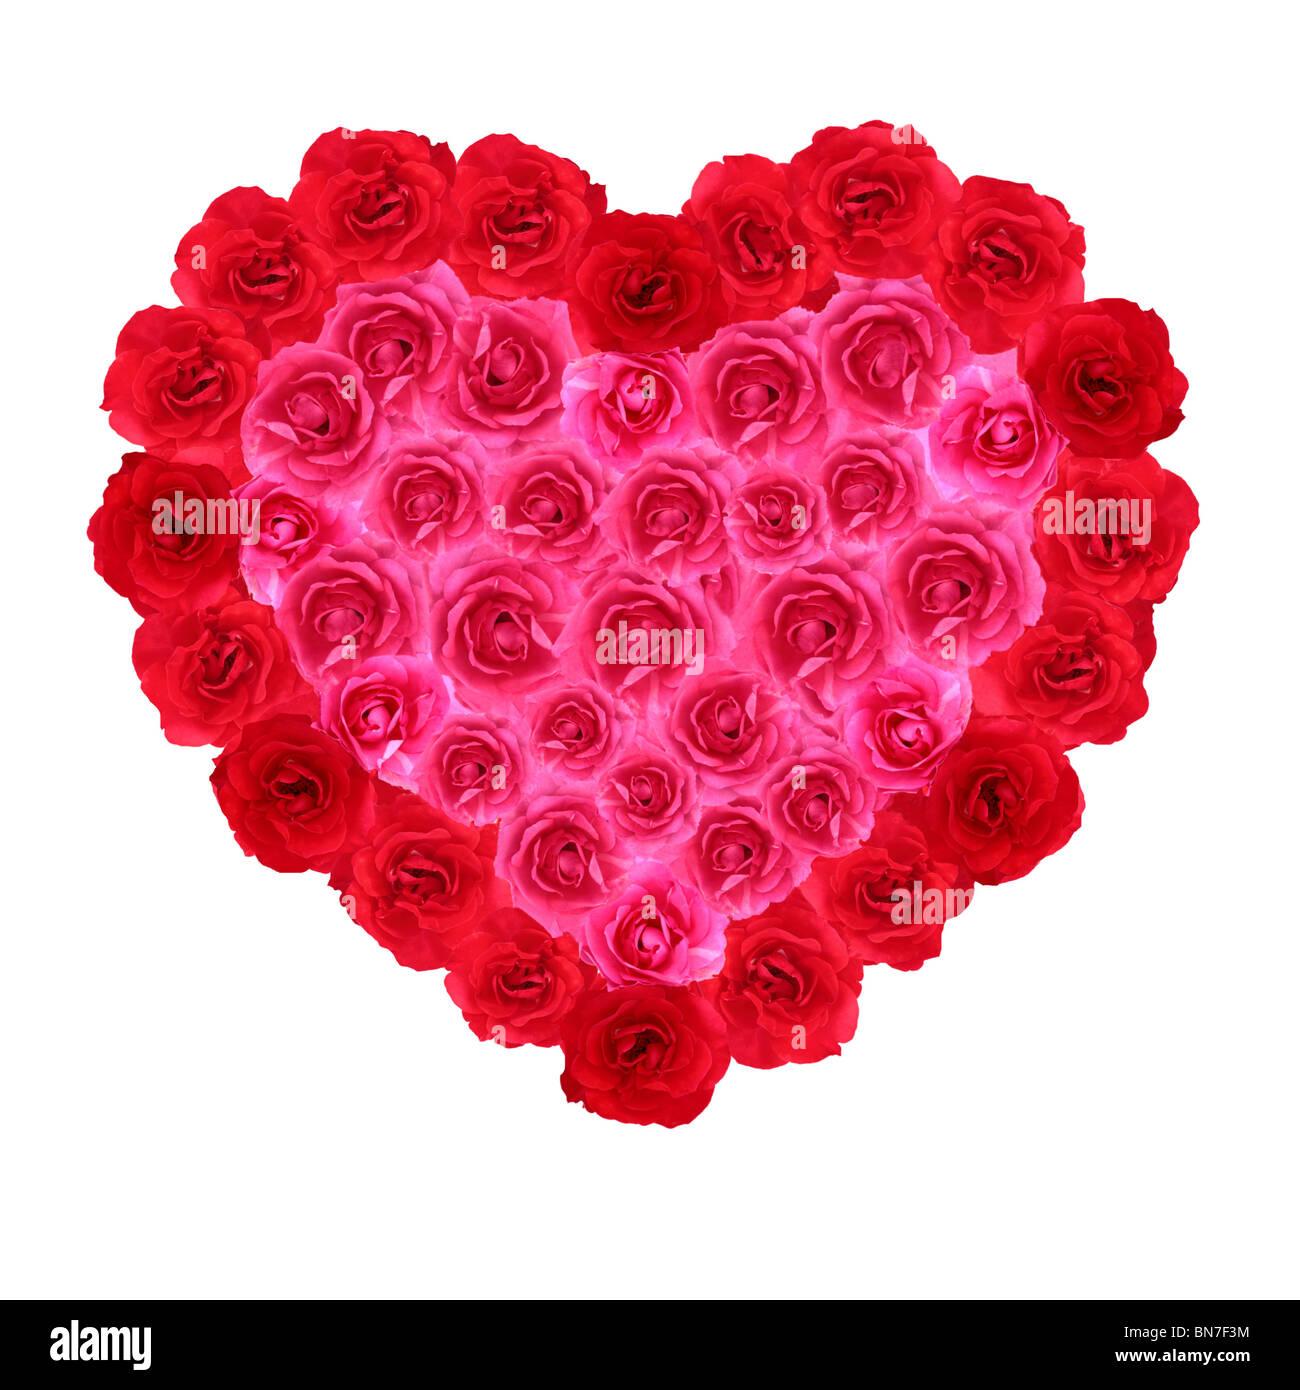 Rosso e rosa rosa forma di cuore simbolo su sfondo bianco Immagini Stock